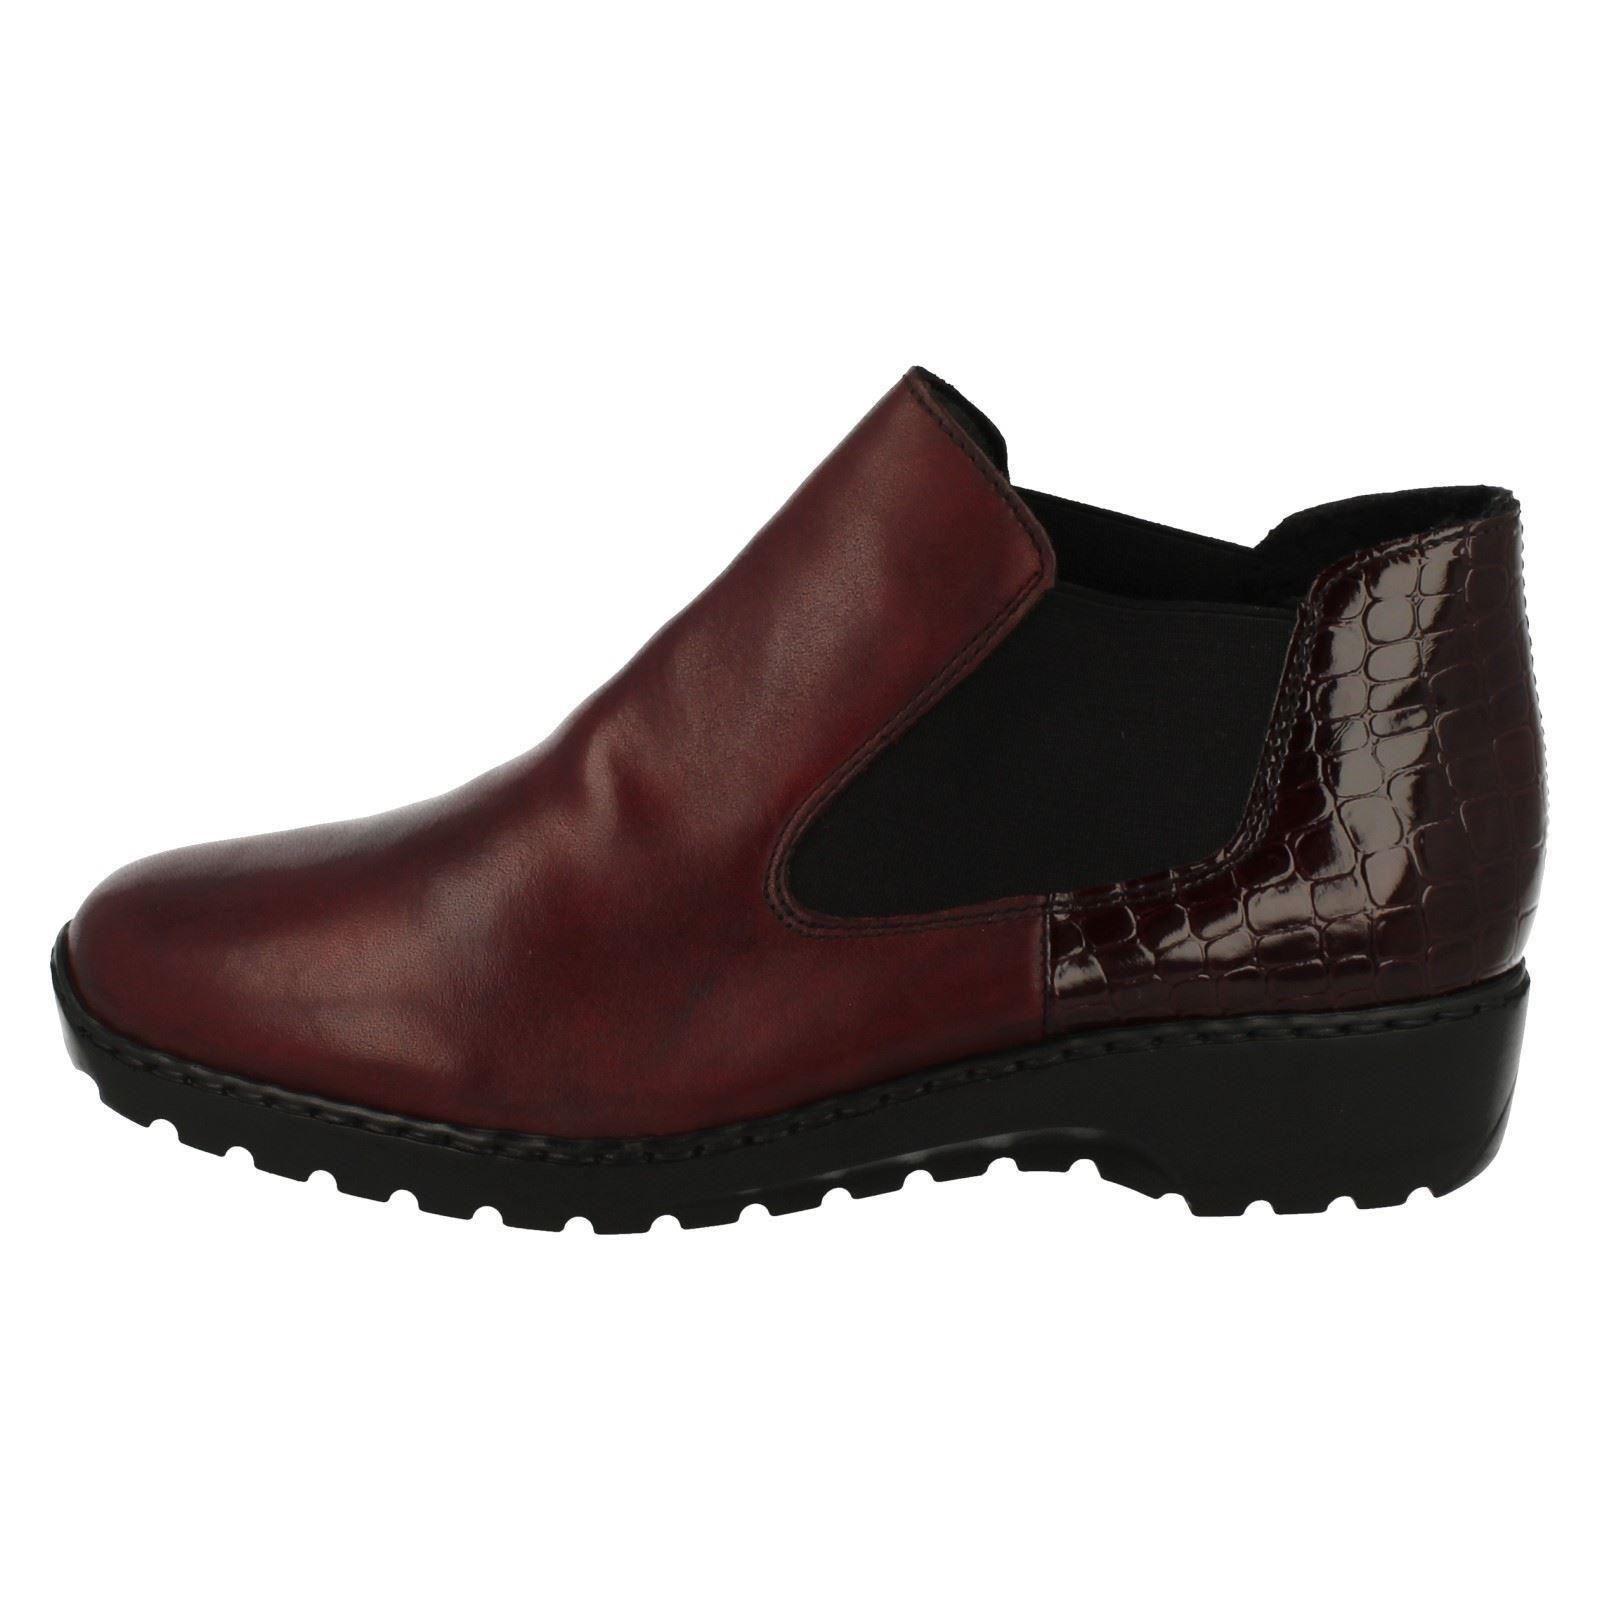 Ladies Rieker Ankle Boots L6090